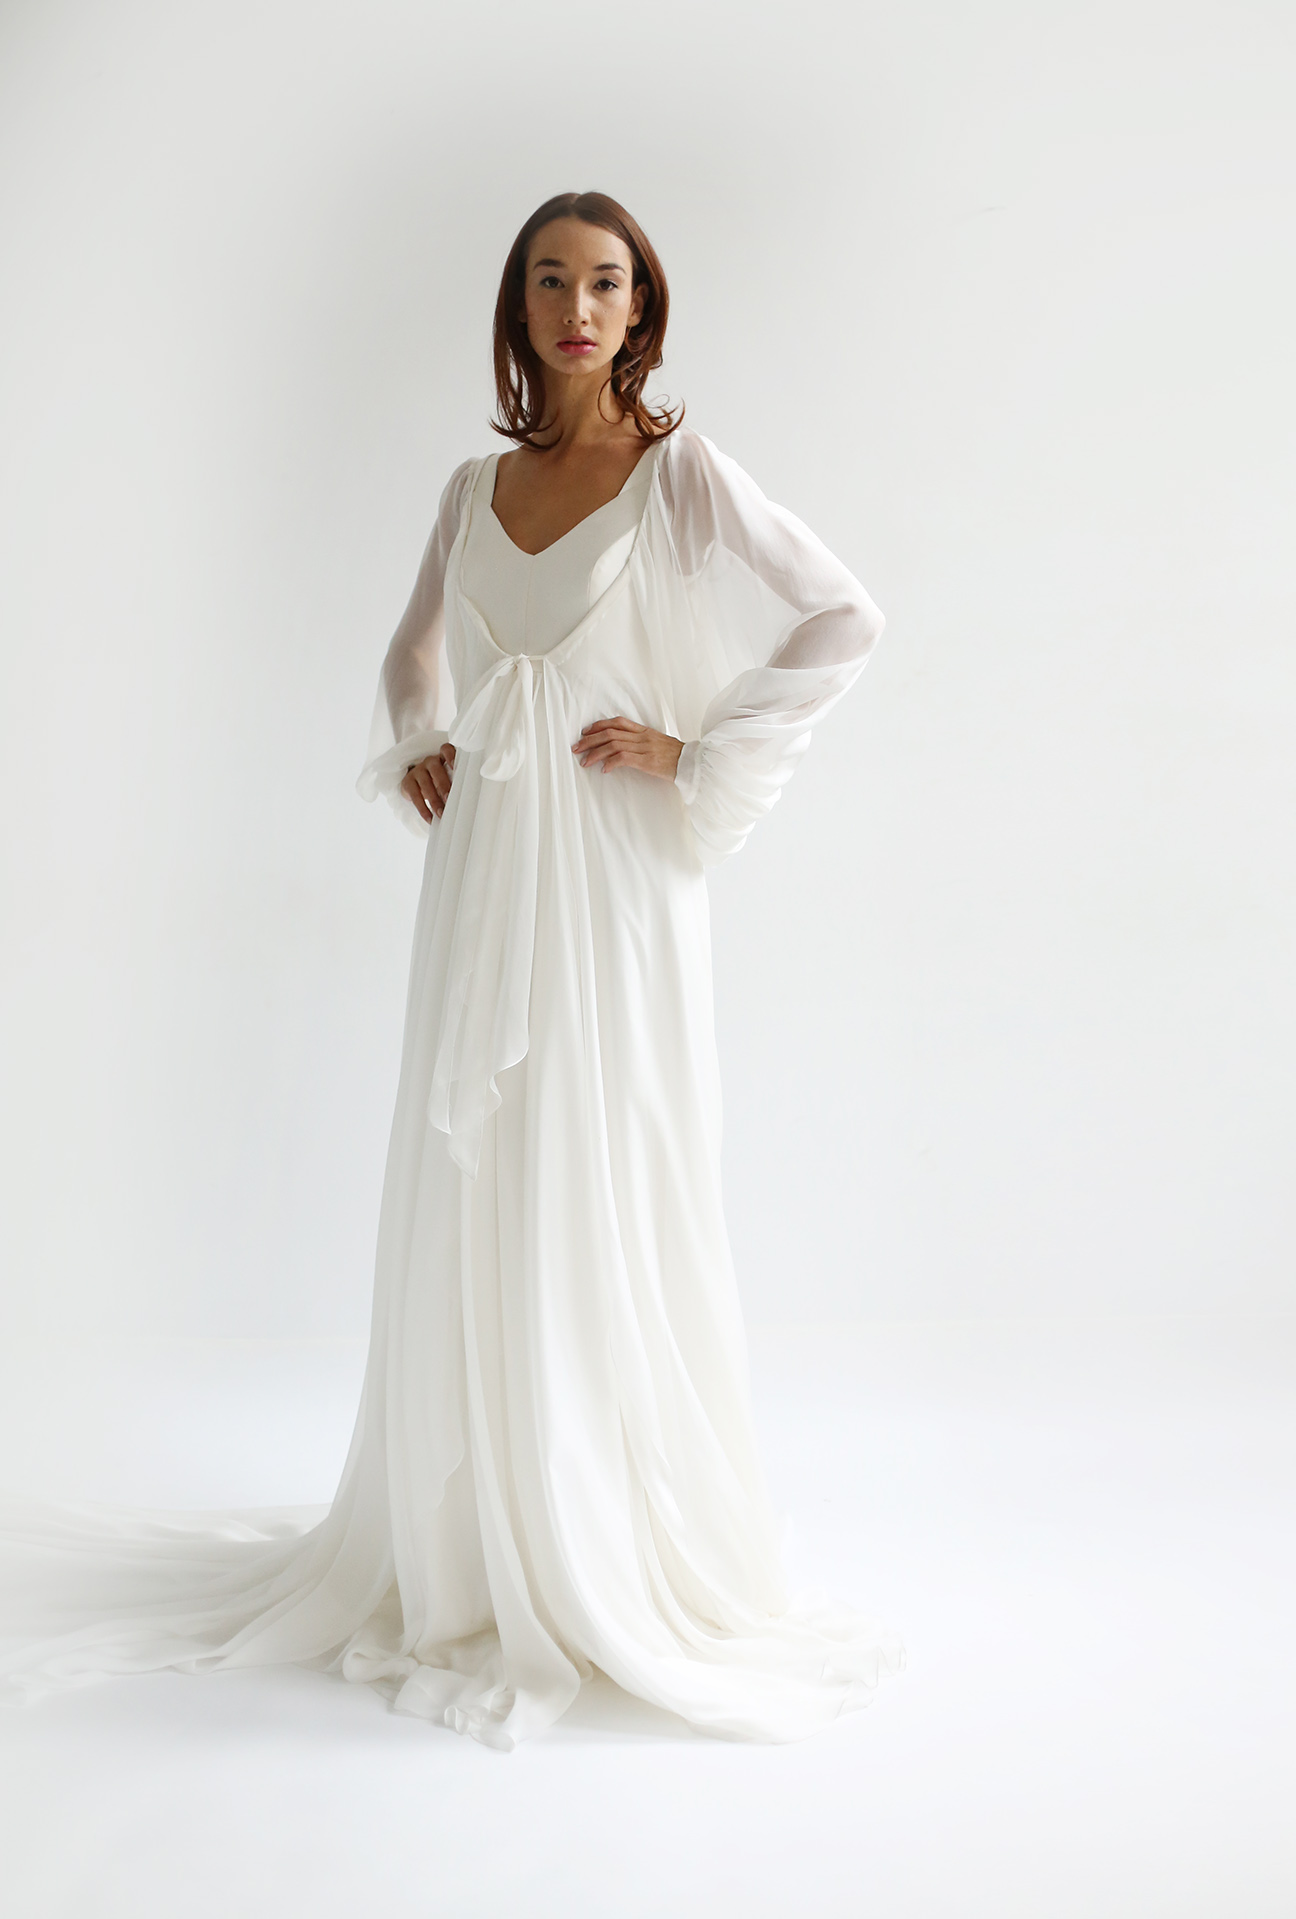 leanne-marshall-bridal-1.jpg